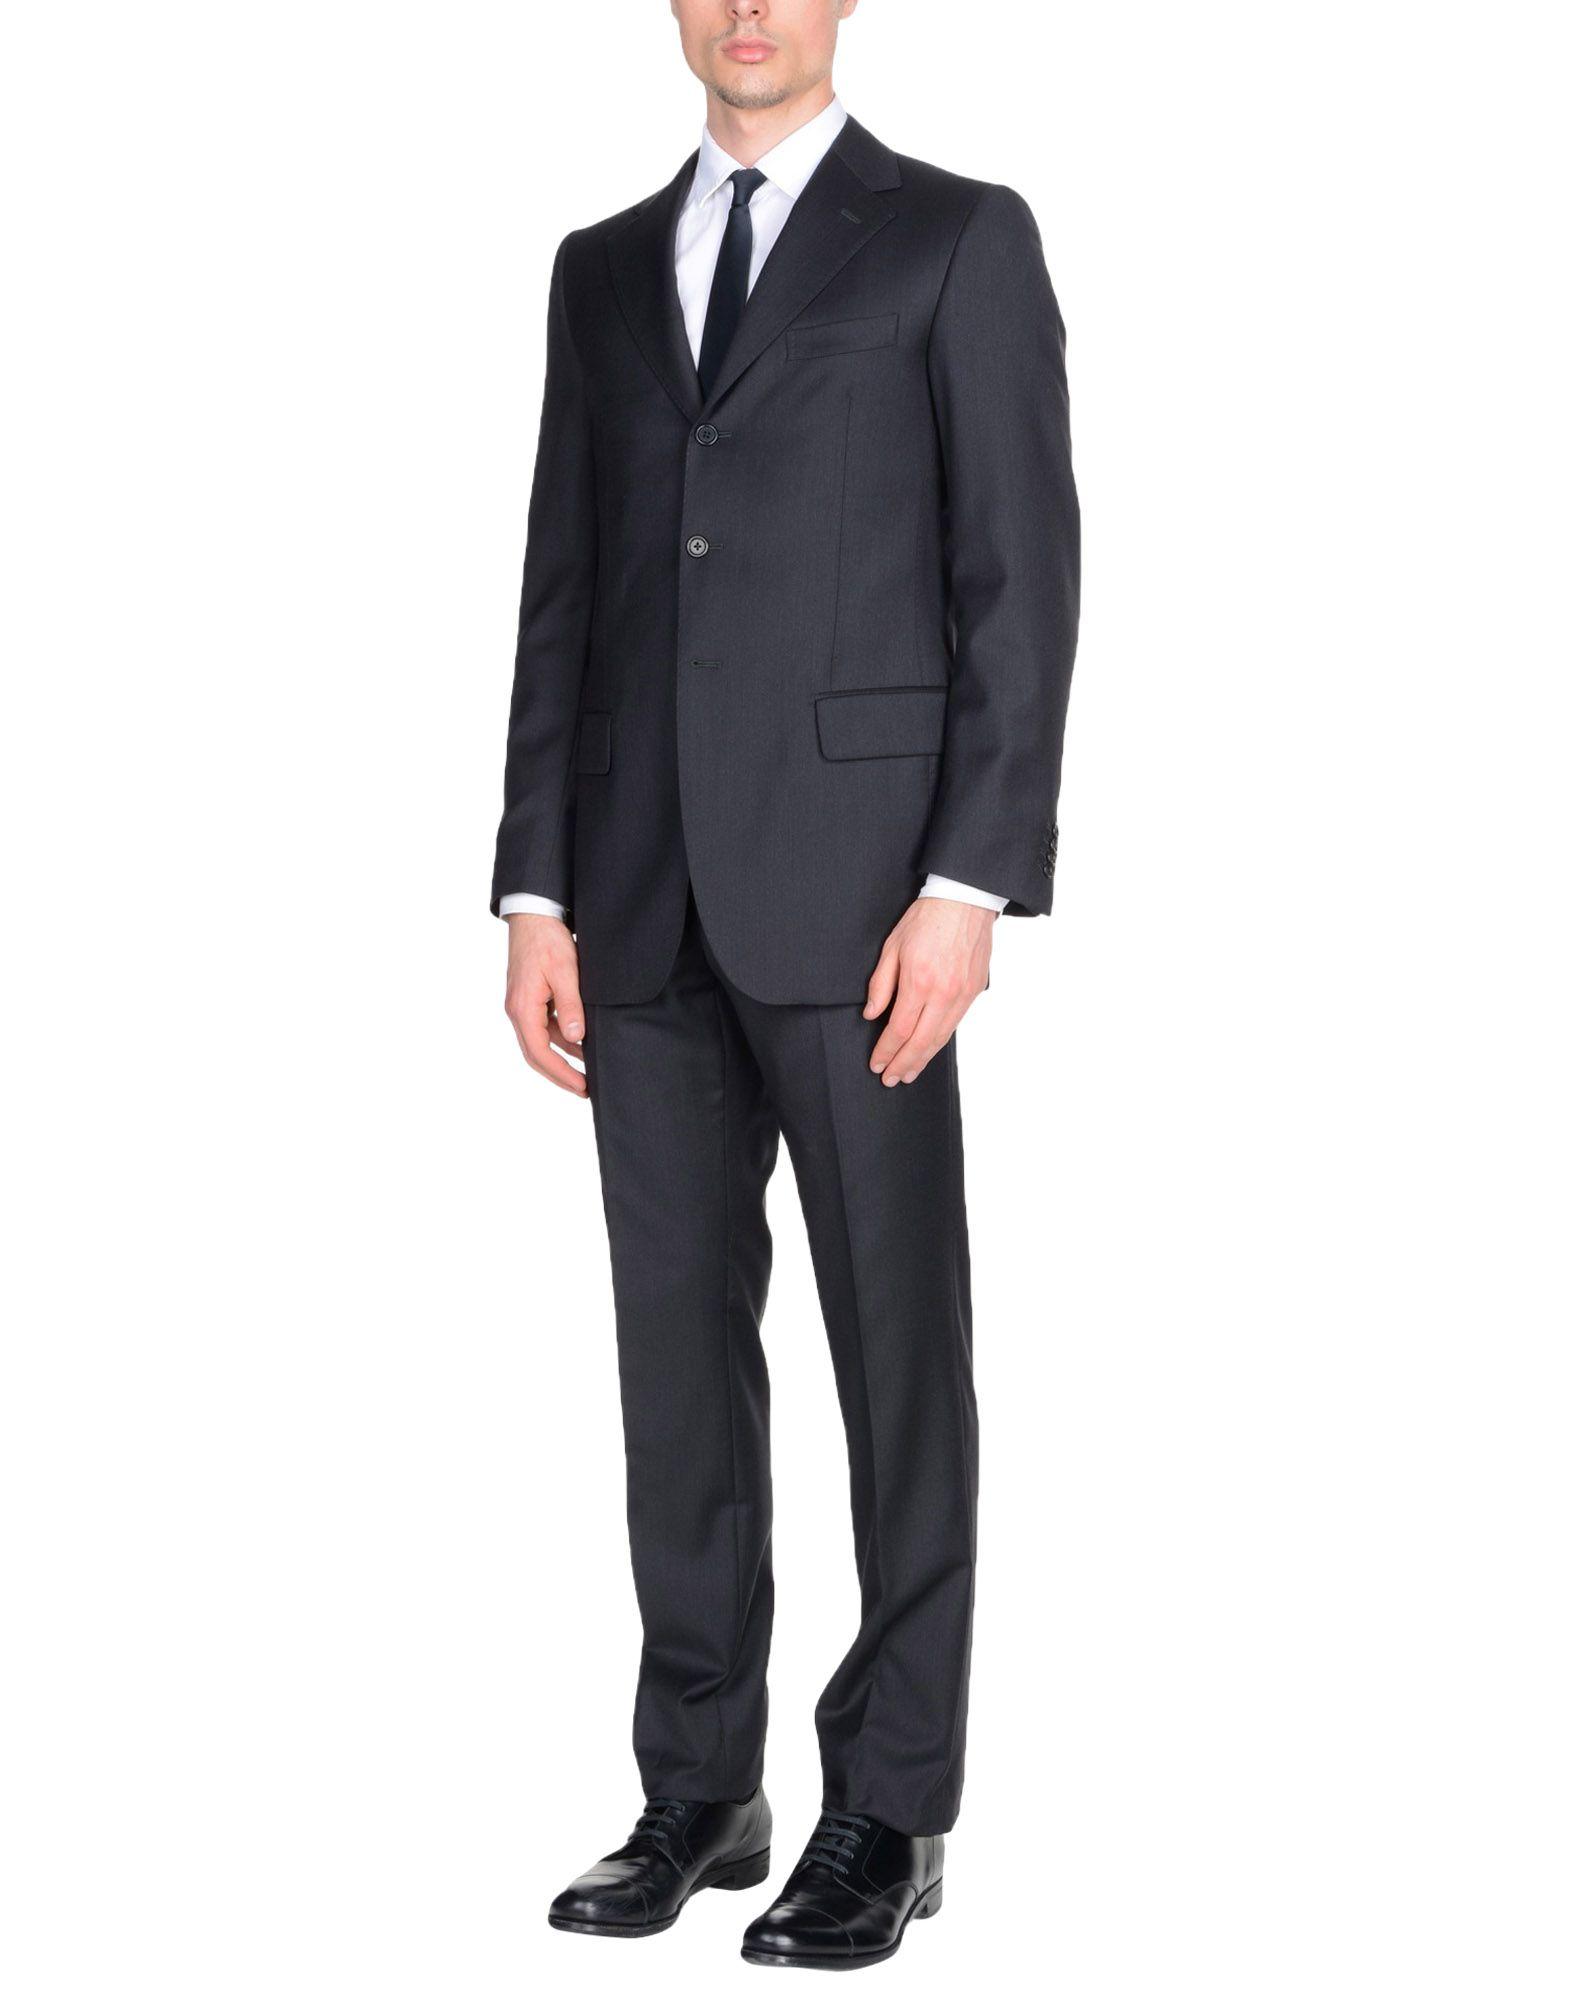 《送料無料》RIVIERA Milano メンズ スーツ ブラック 46 バージンウール 100% / スーパー150 ウール